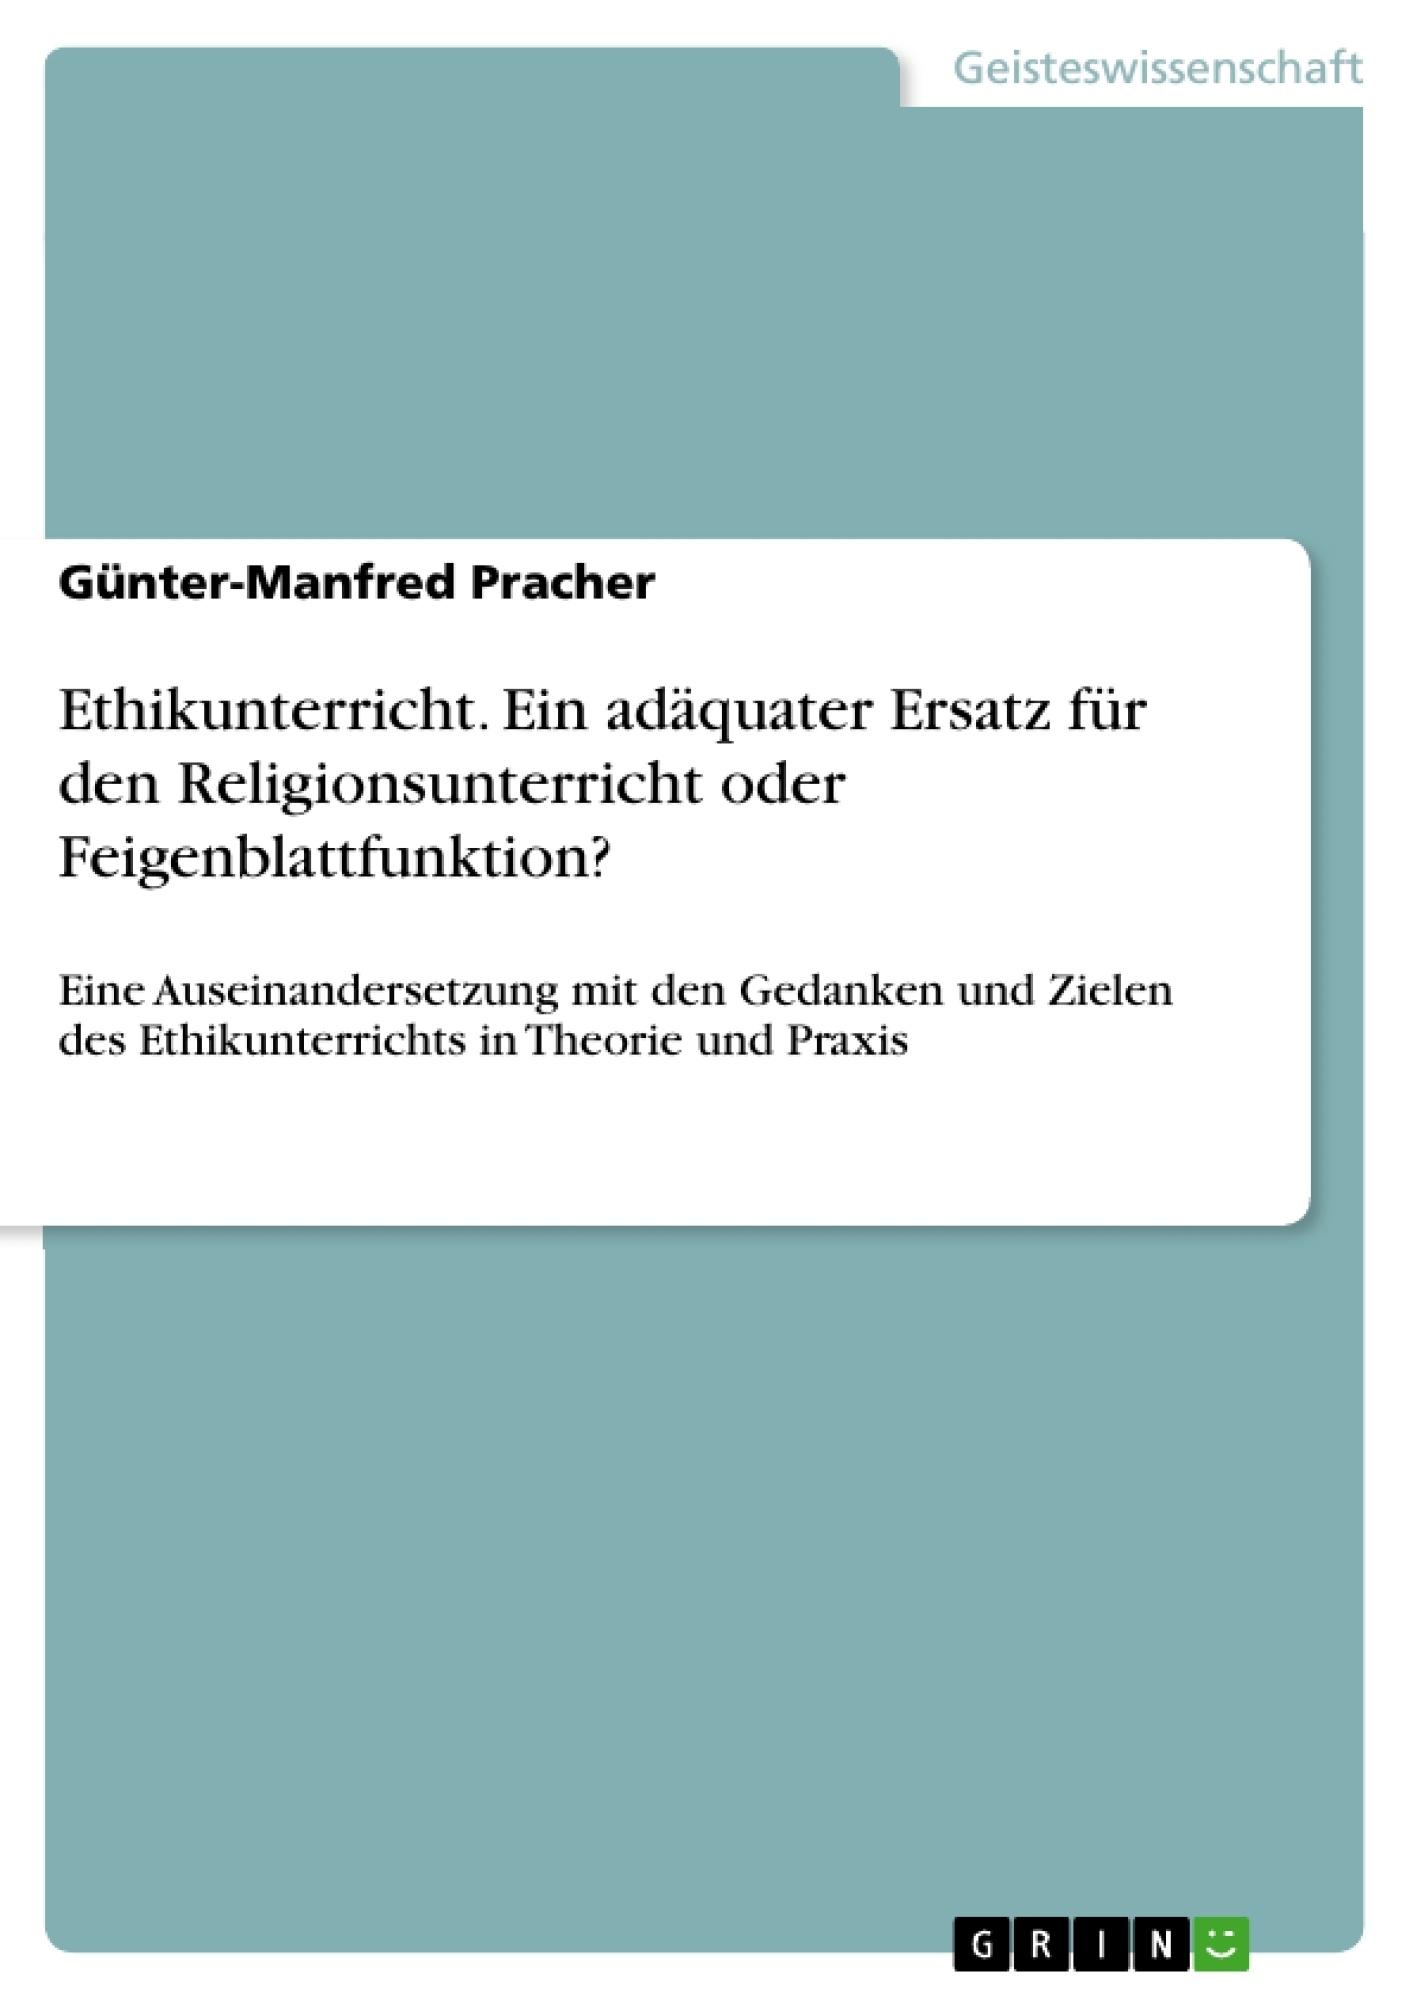 Ethikunterricht. Ein adäquater Ersatz für den Religionsunterricht ...